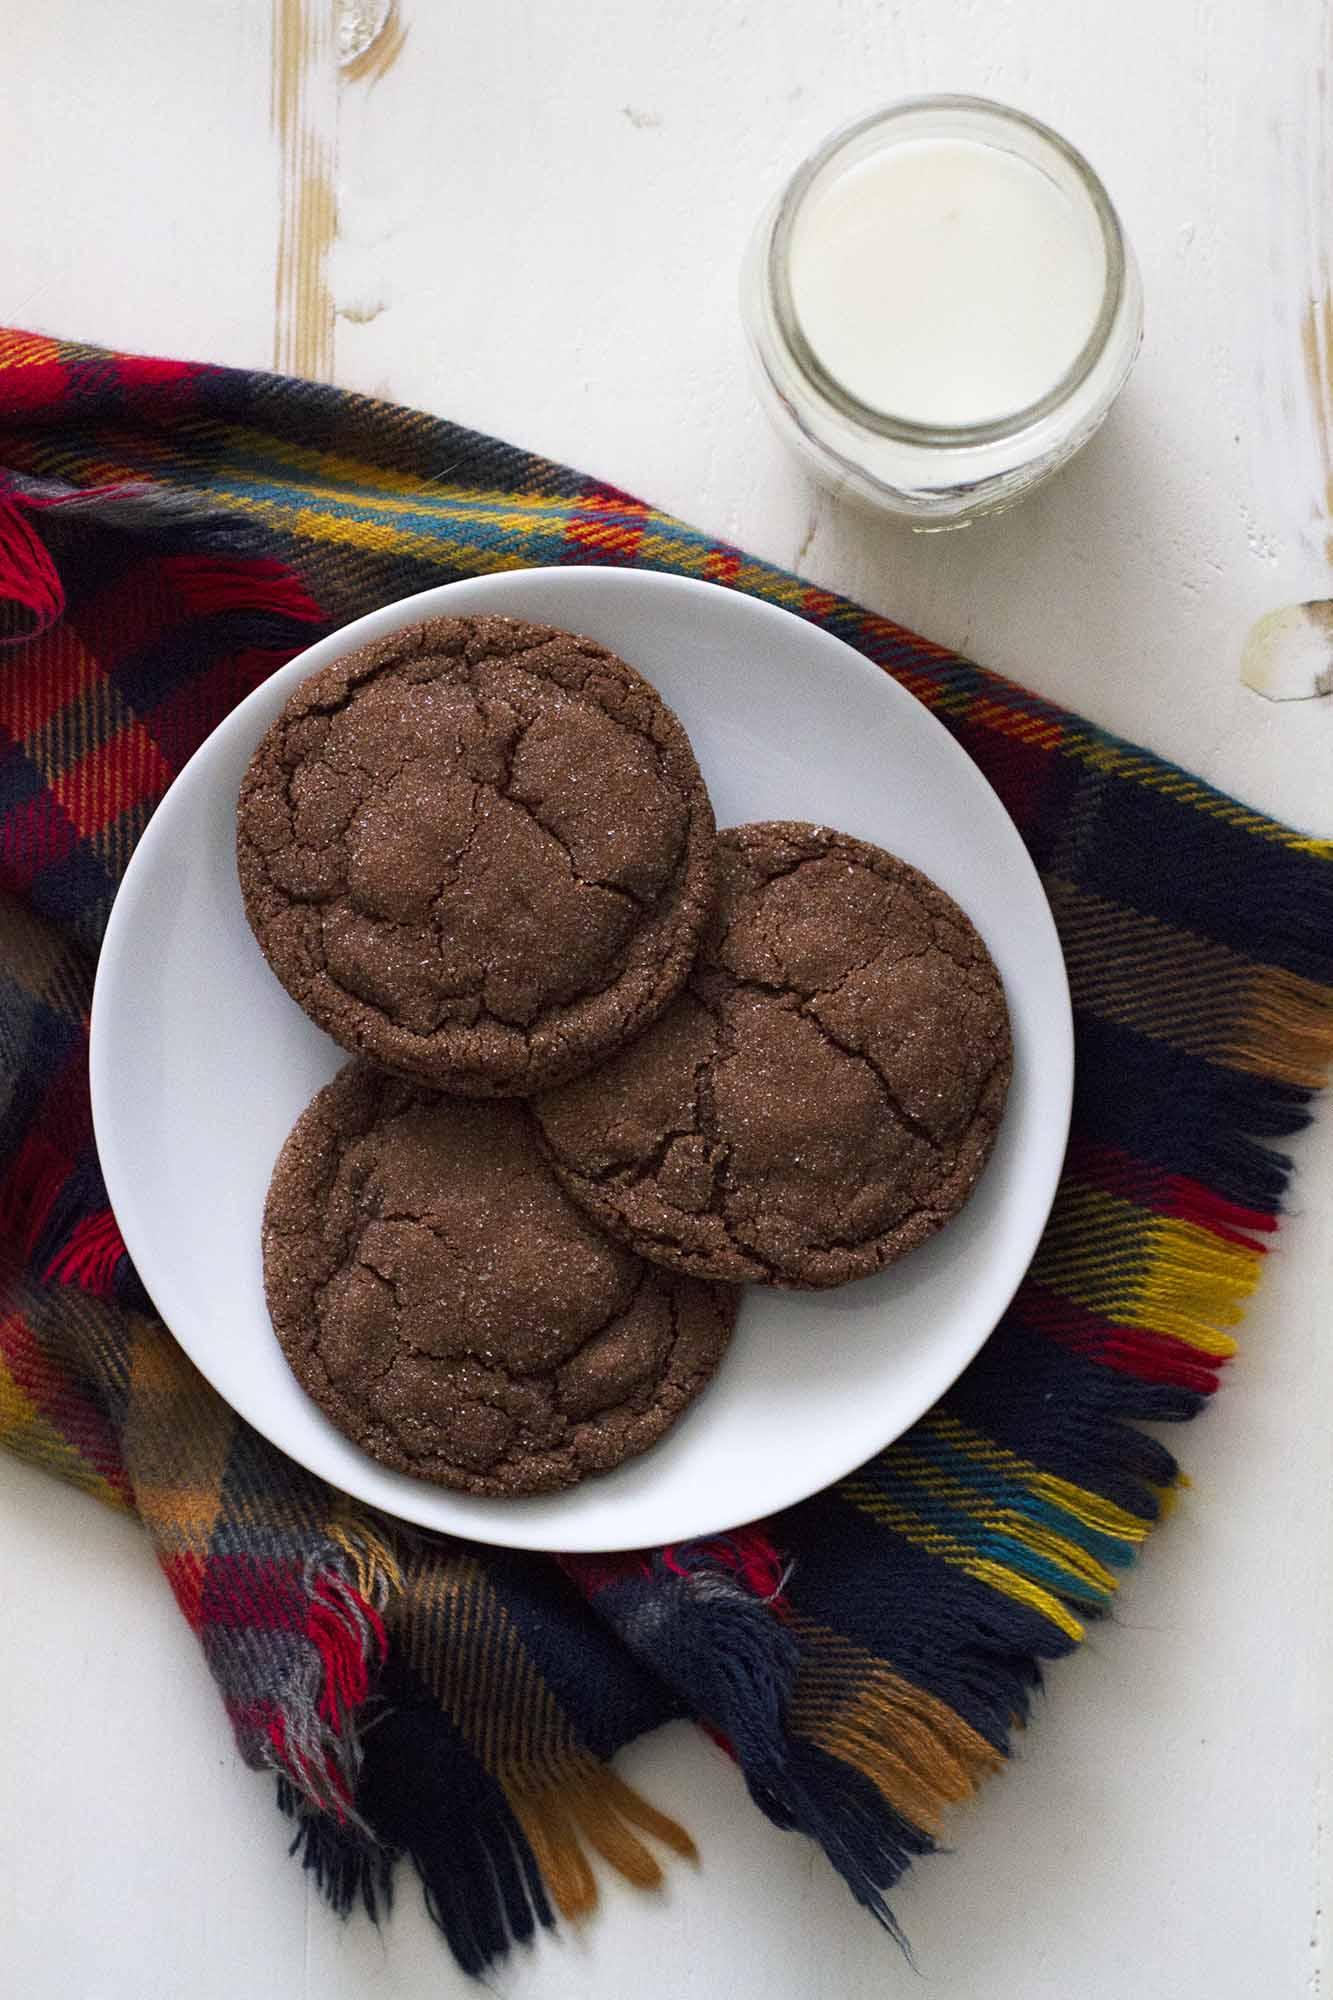 Chocolate Cardamom Cookies | girlversusdough.com @girlversusdough